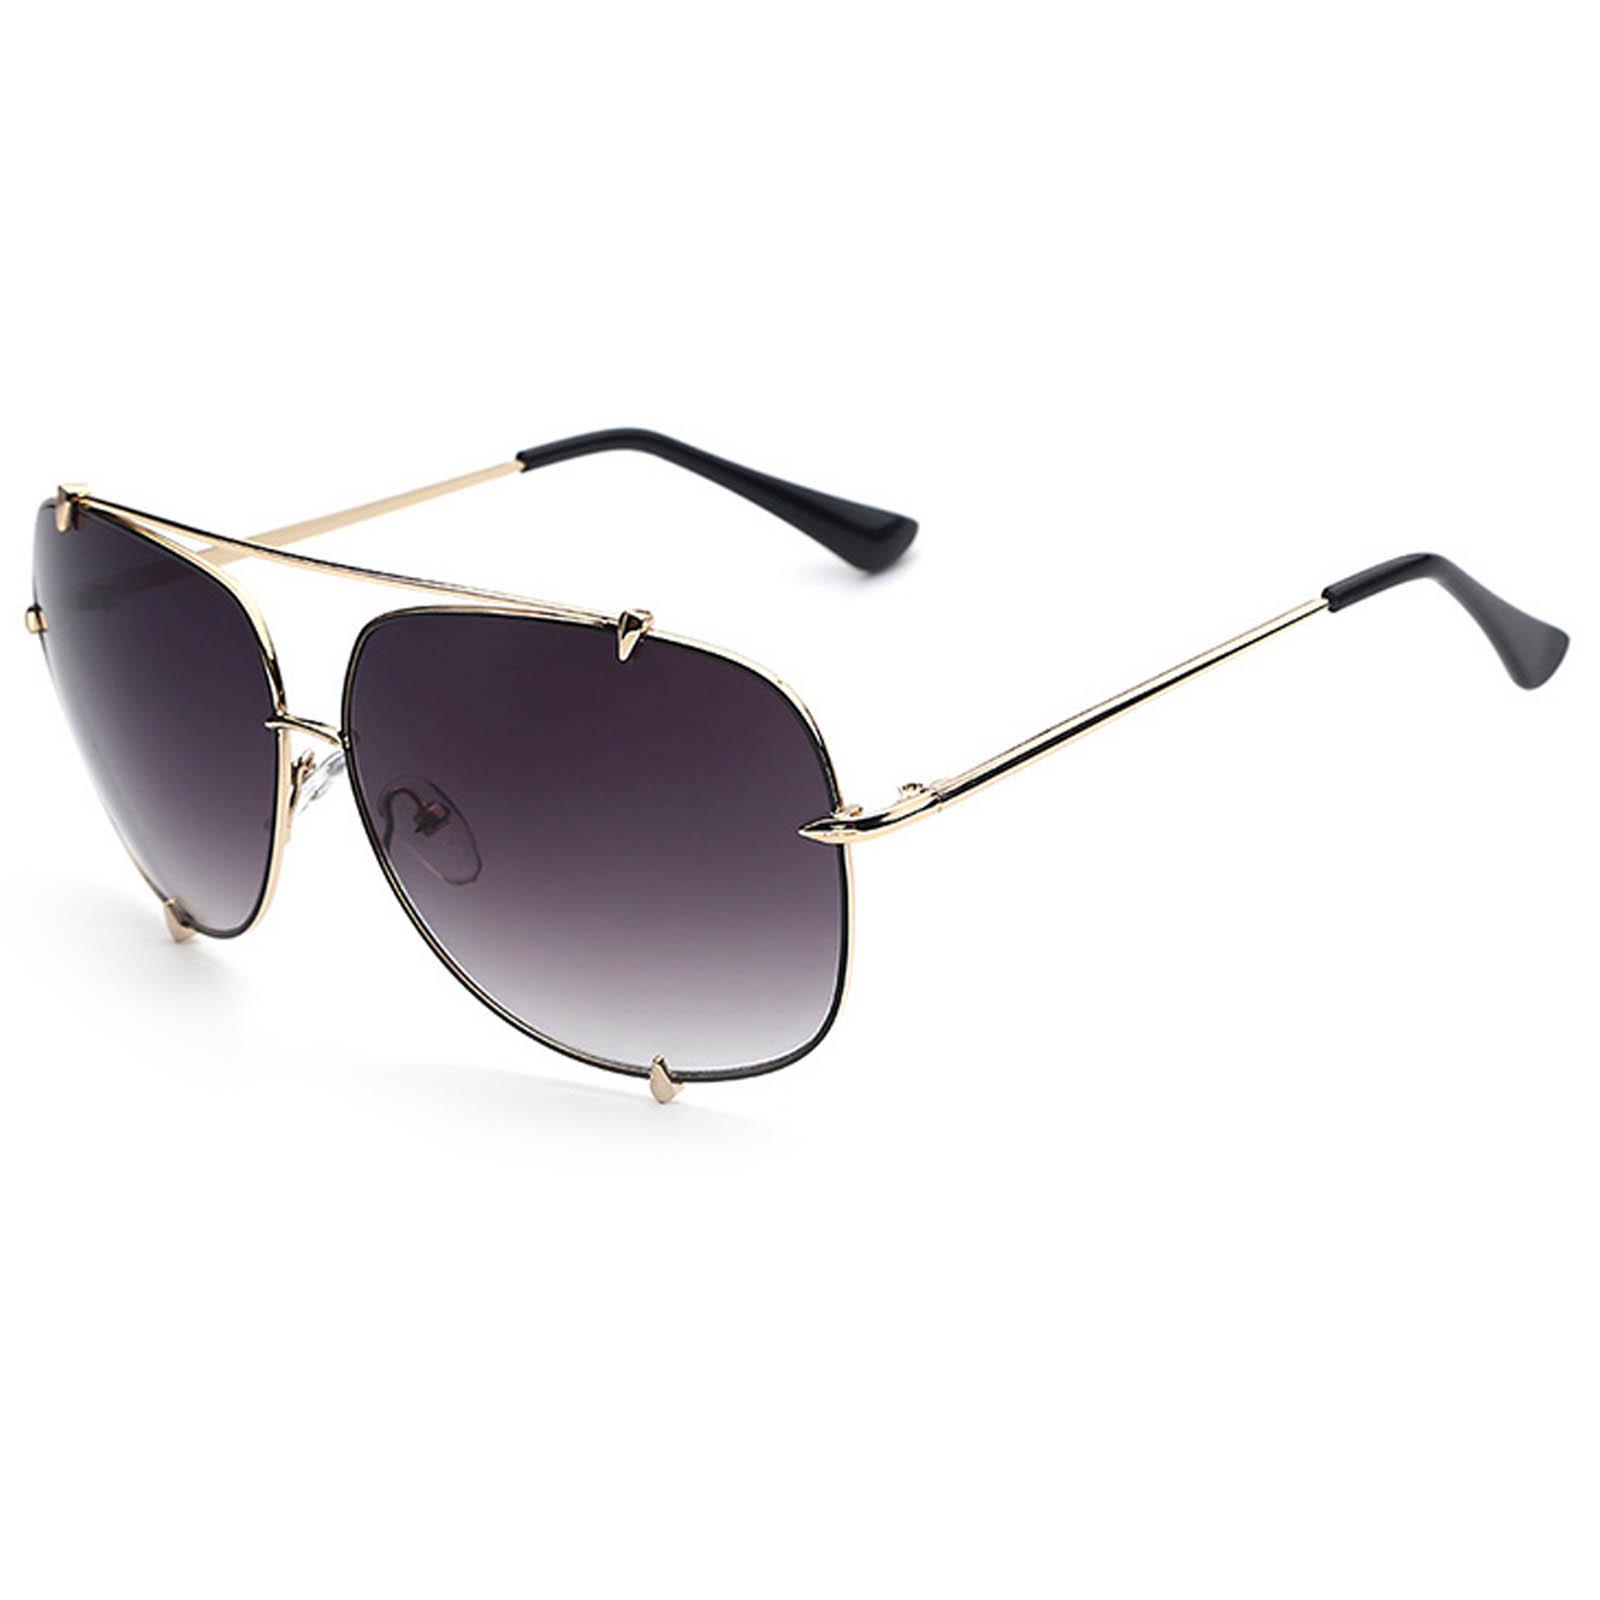 OWL ® 022 C4 Square Eyewear Sunglasses Women's Men's Metal Gold Frame Smoke Lens One Pair